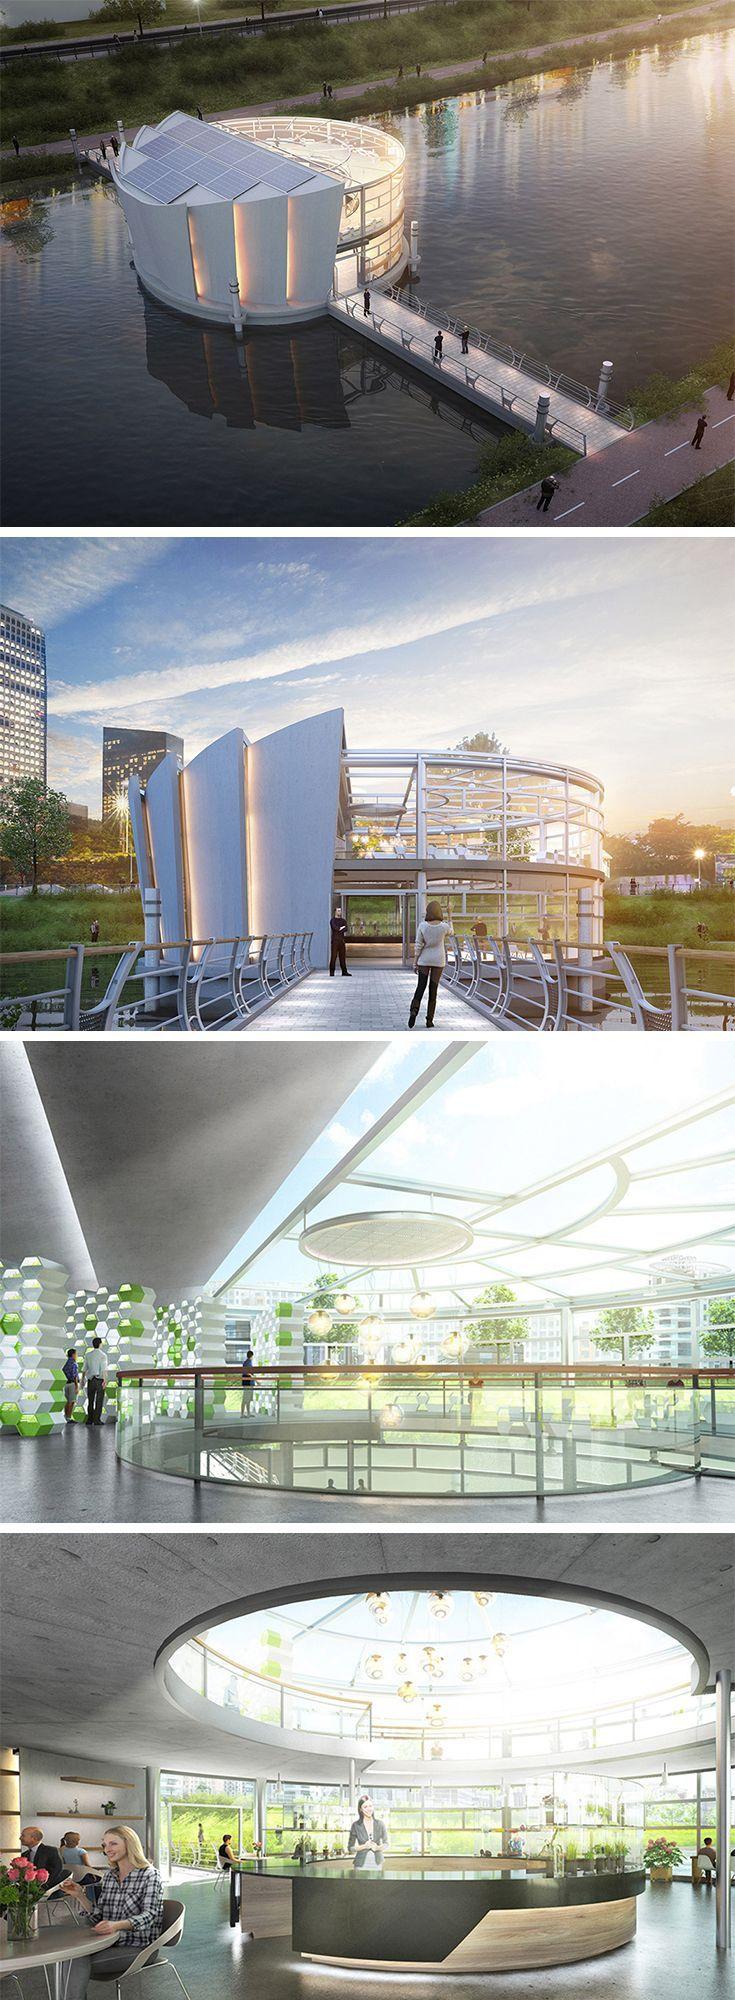 Diese schwebende Architektur heißt Lotus und ist gleichzeitig ein Ort für den Anbau von Gemüse